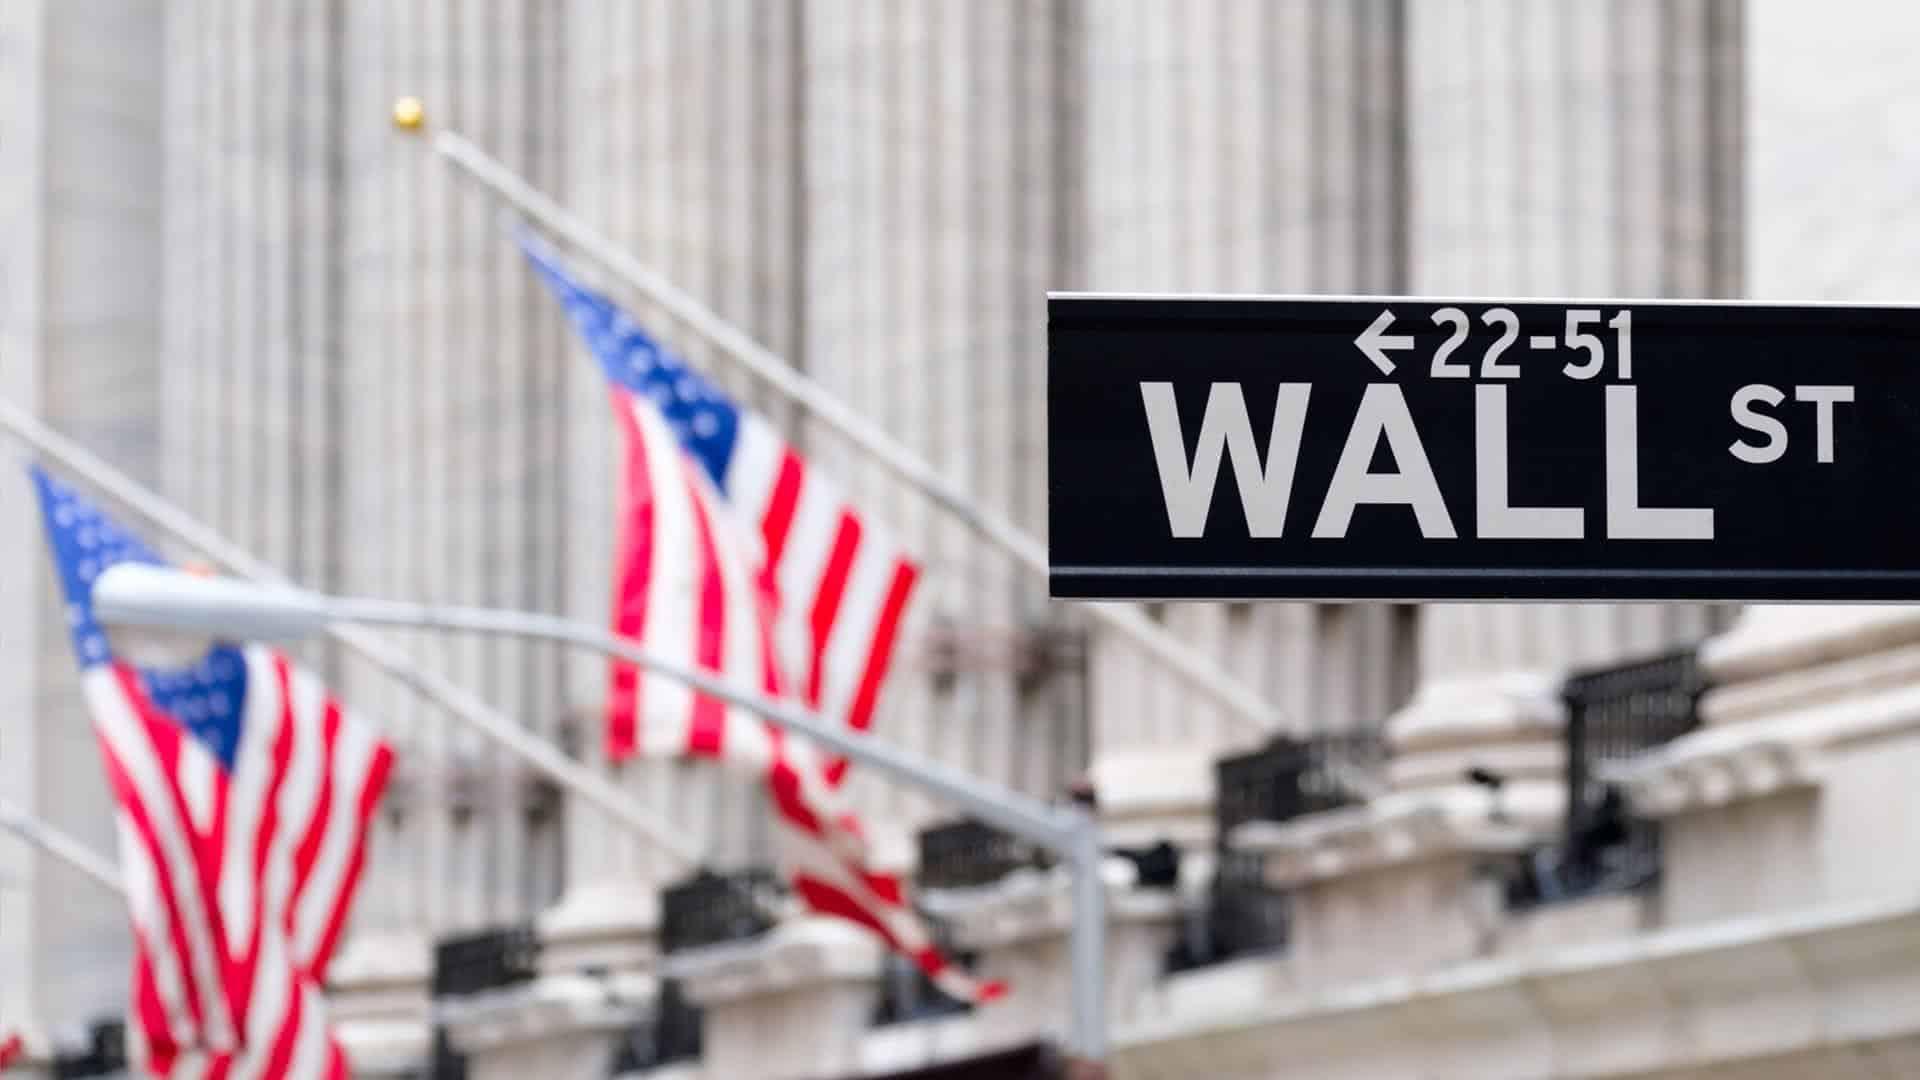 Zinserhöhung in den USA – was passiert in Deutschland?